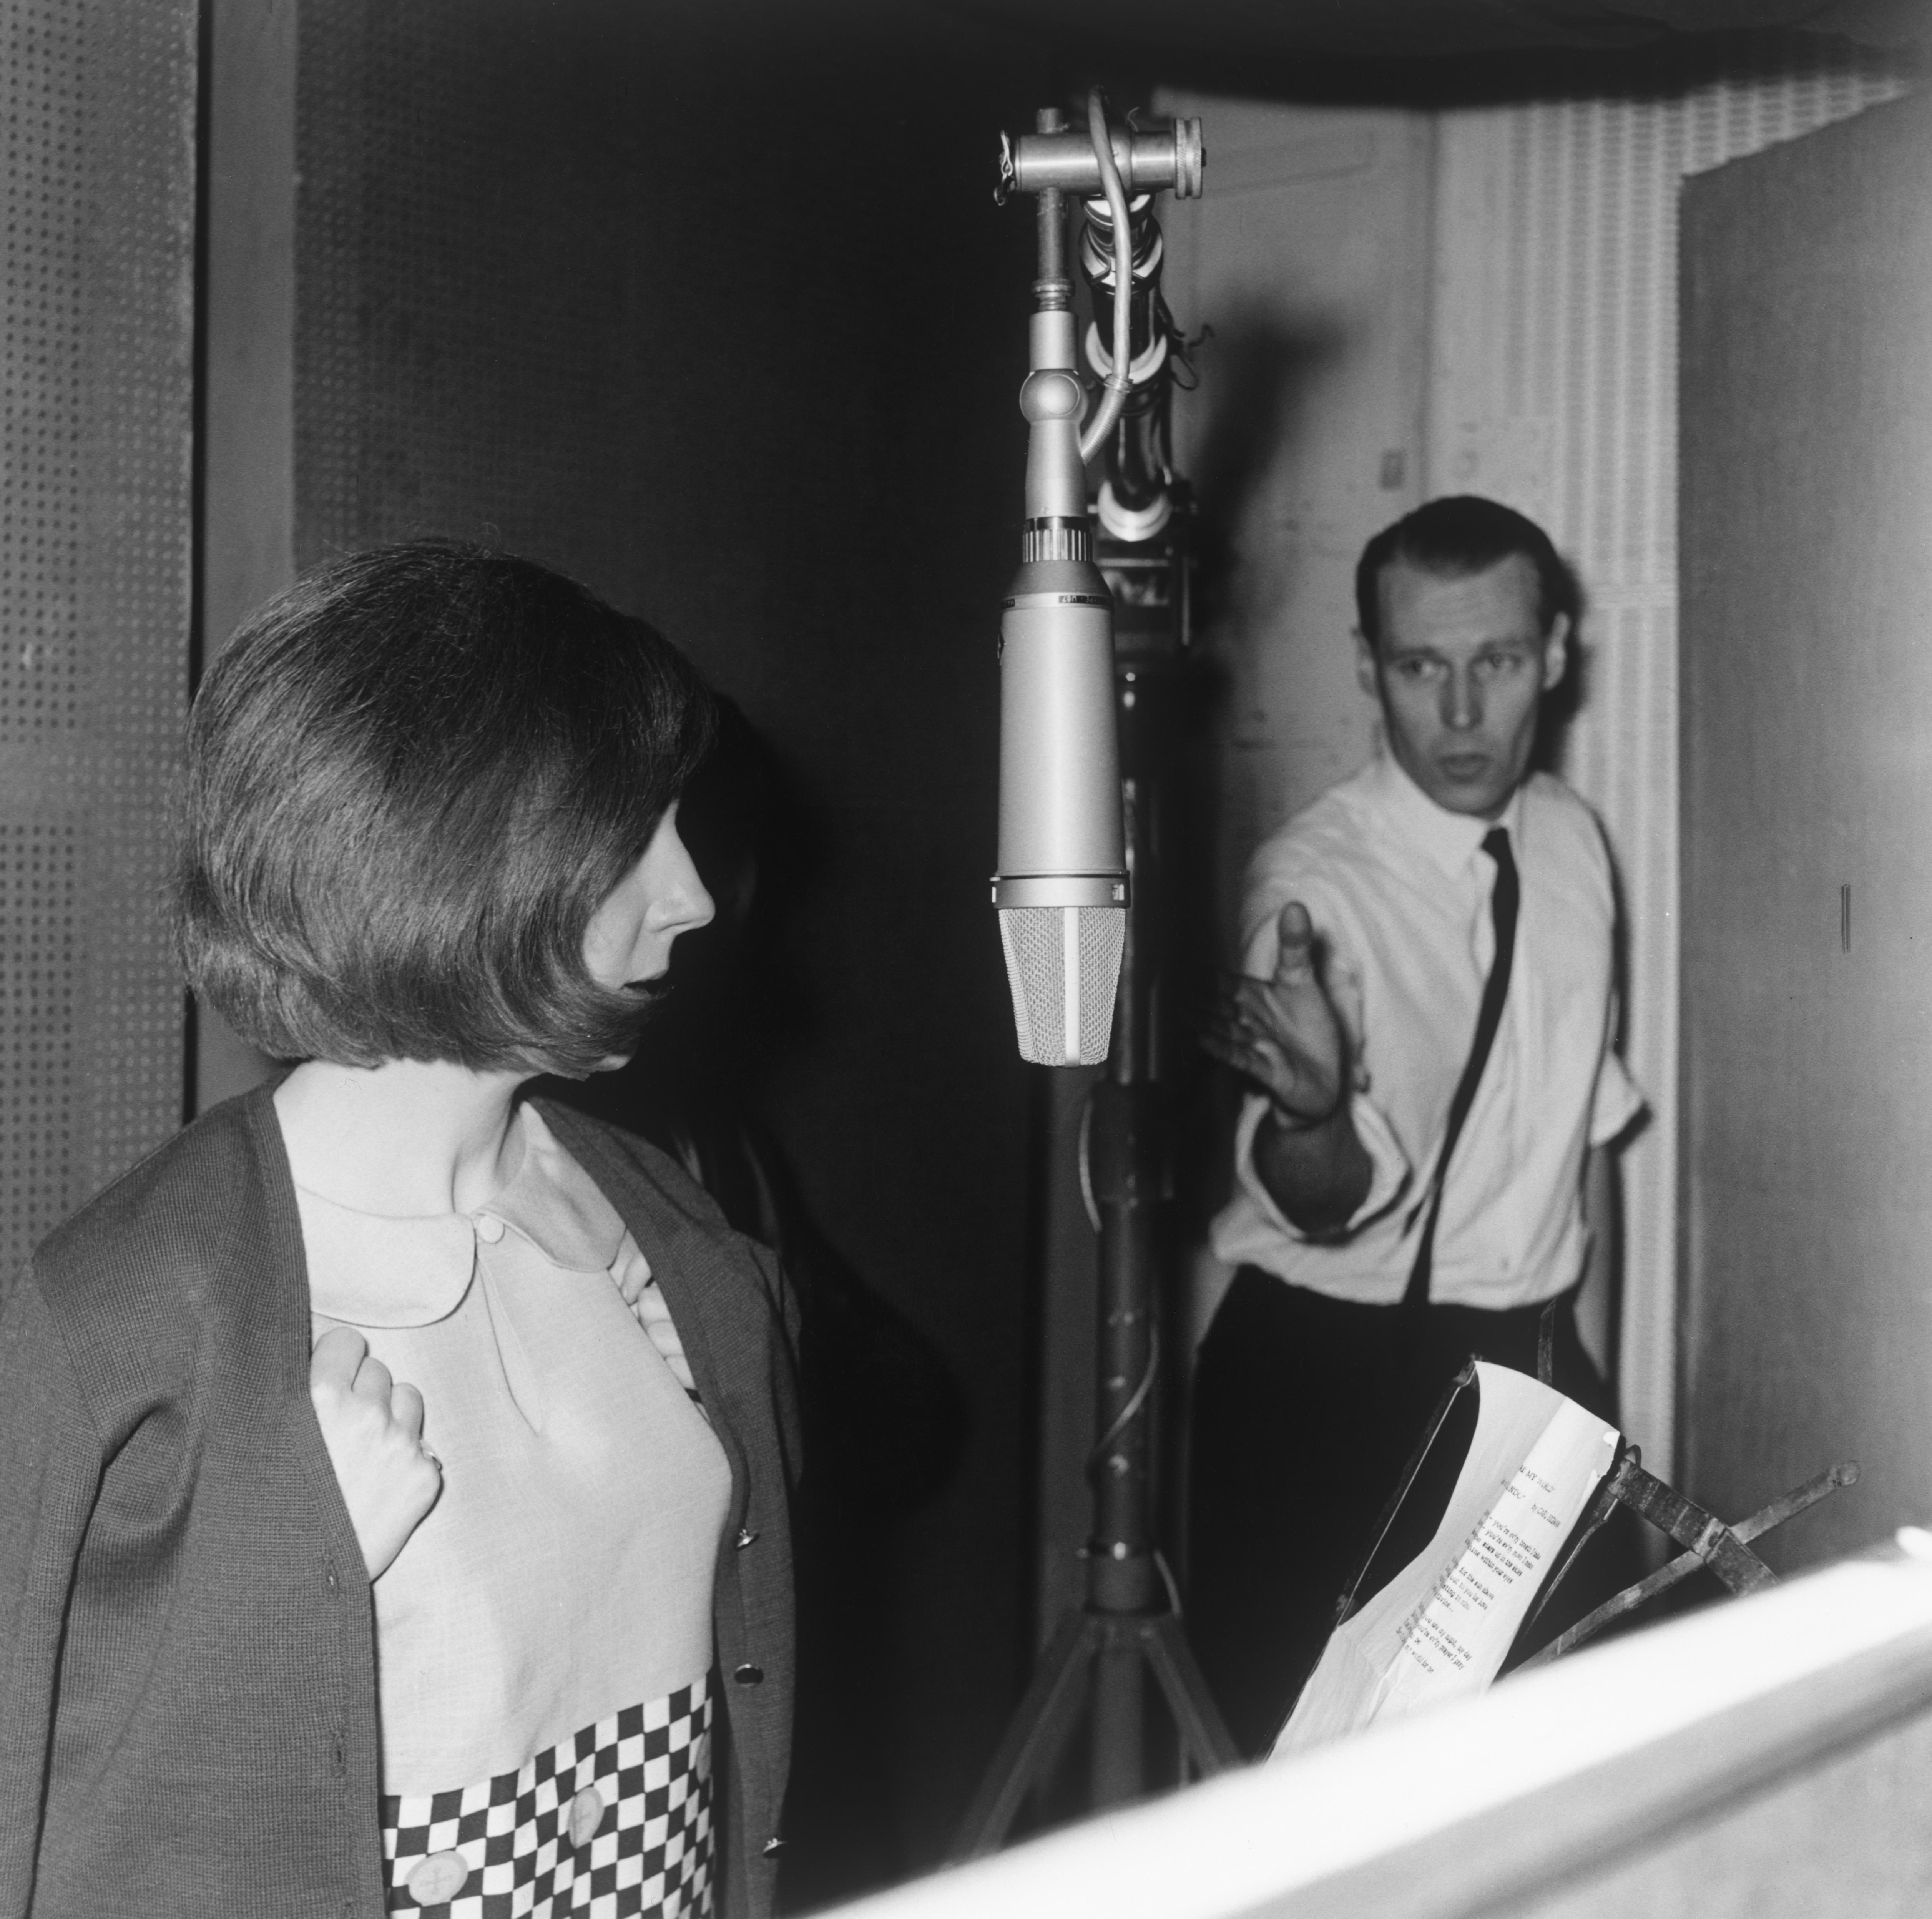 Cilla Black and George Martin in the Studio